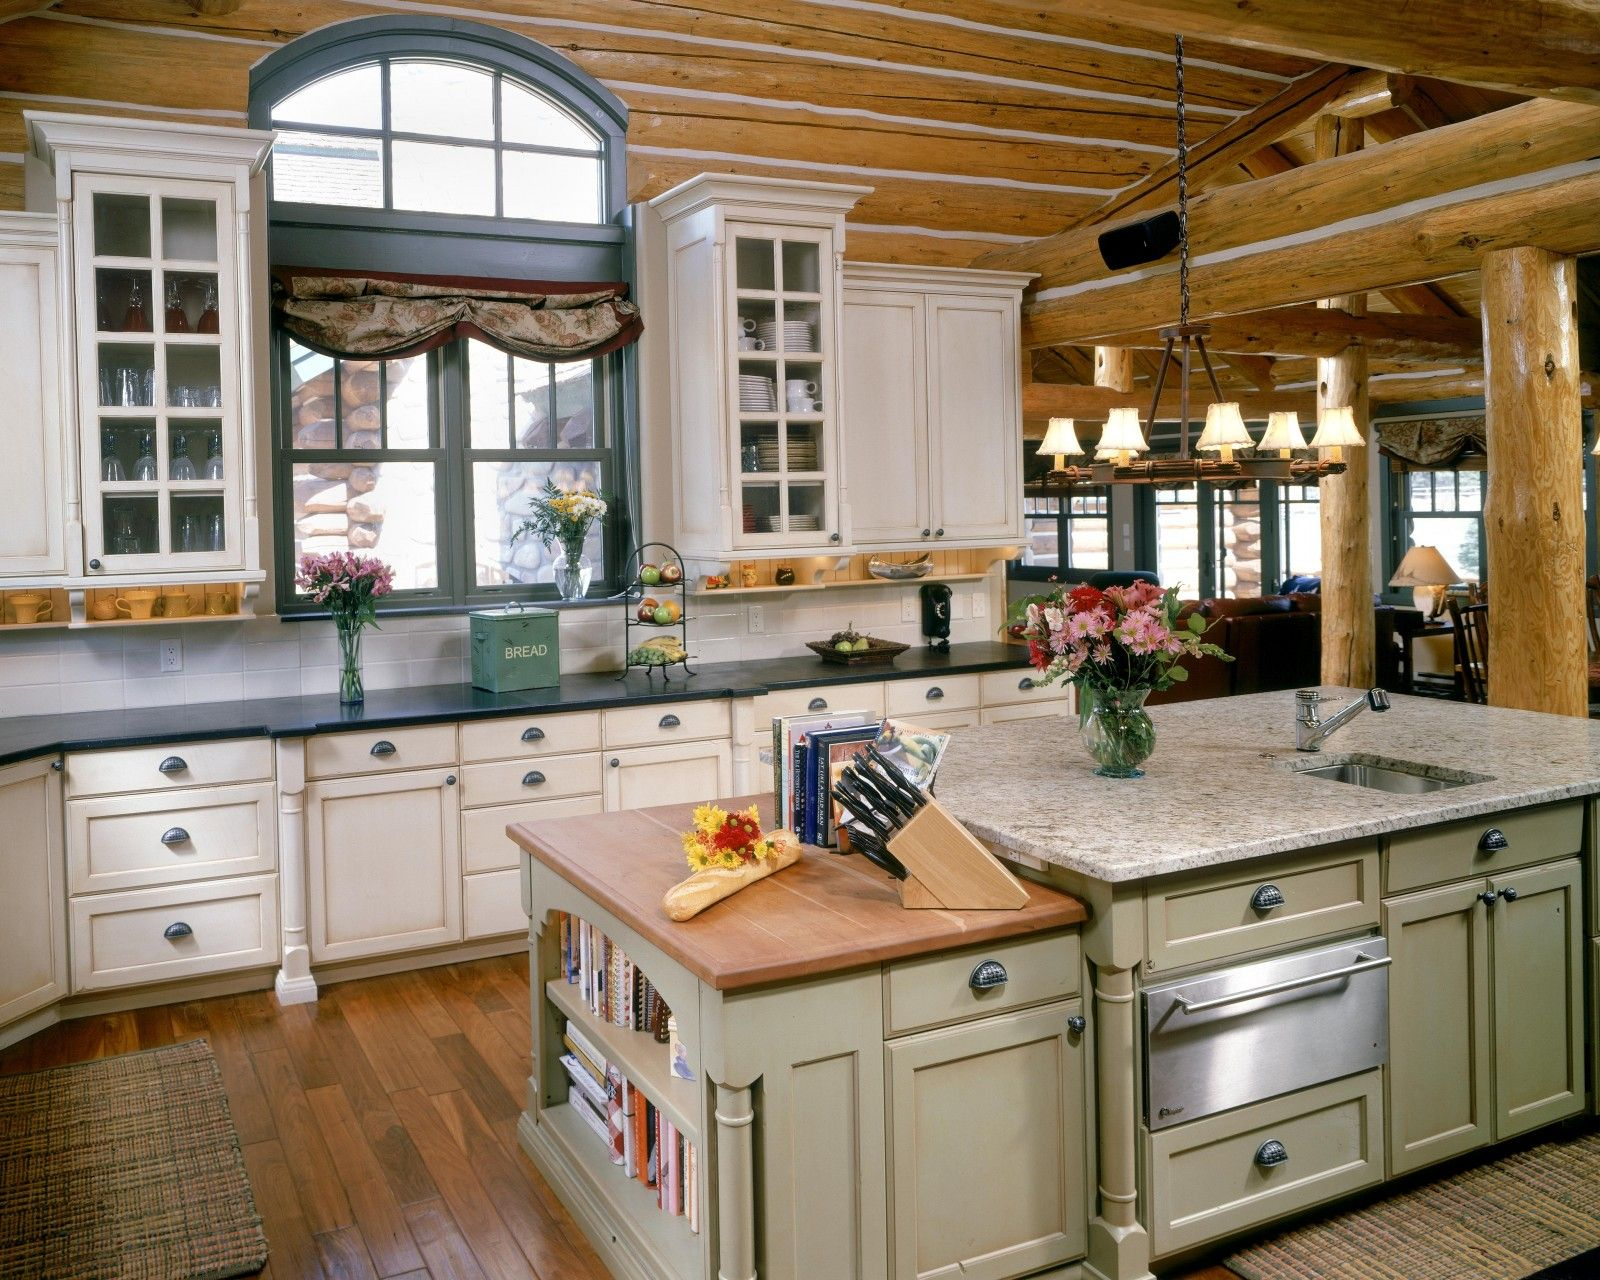 log cabin kitchen ideas log cabin kitchen by benning on modern kitchen design that will inspire your luxury interior essential elements id=27982